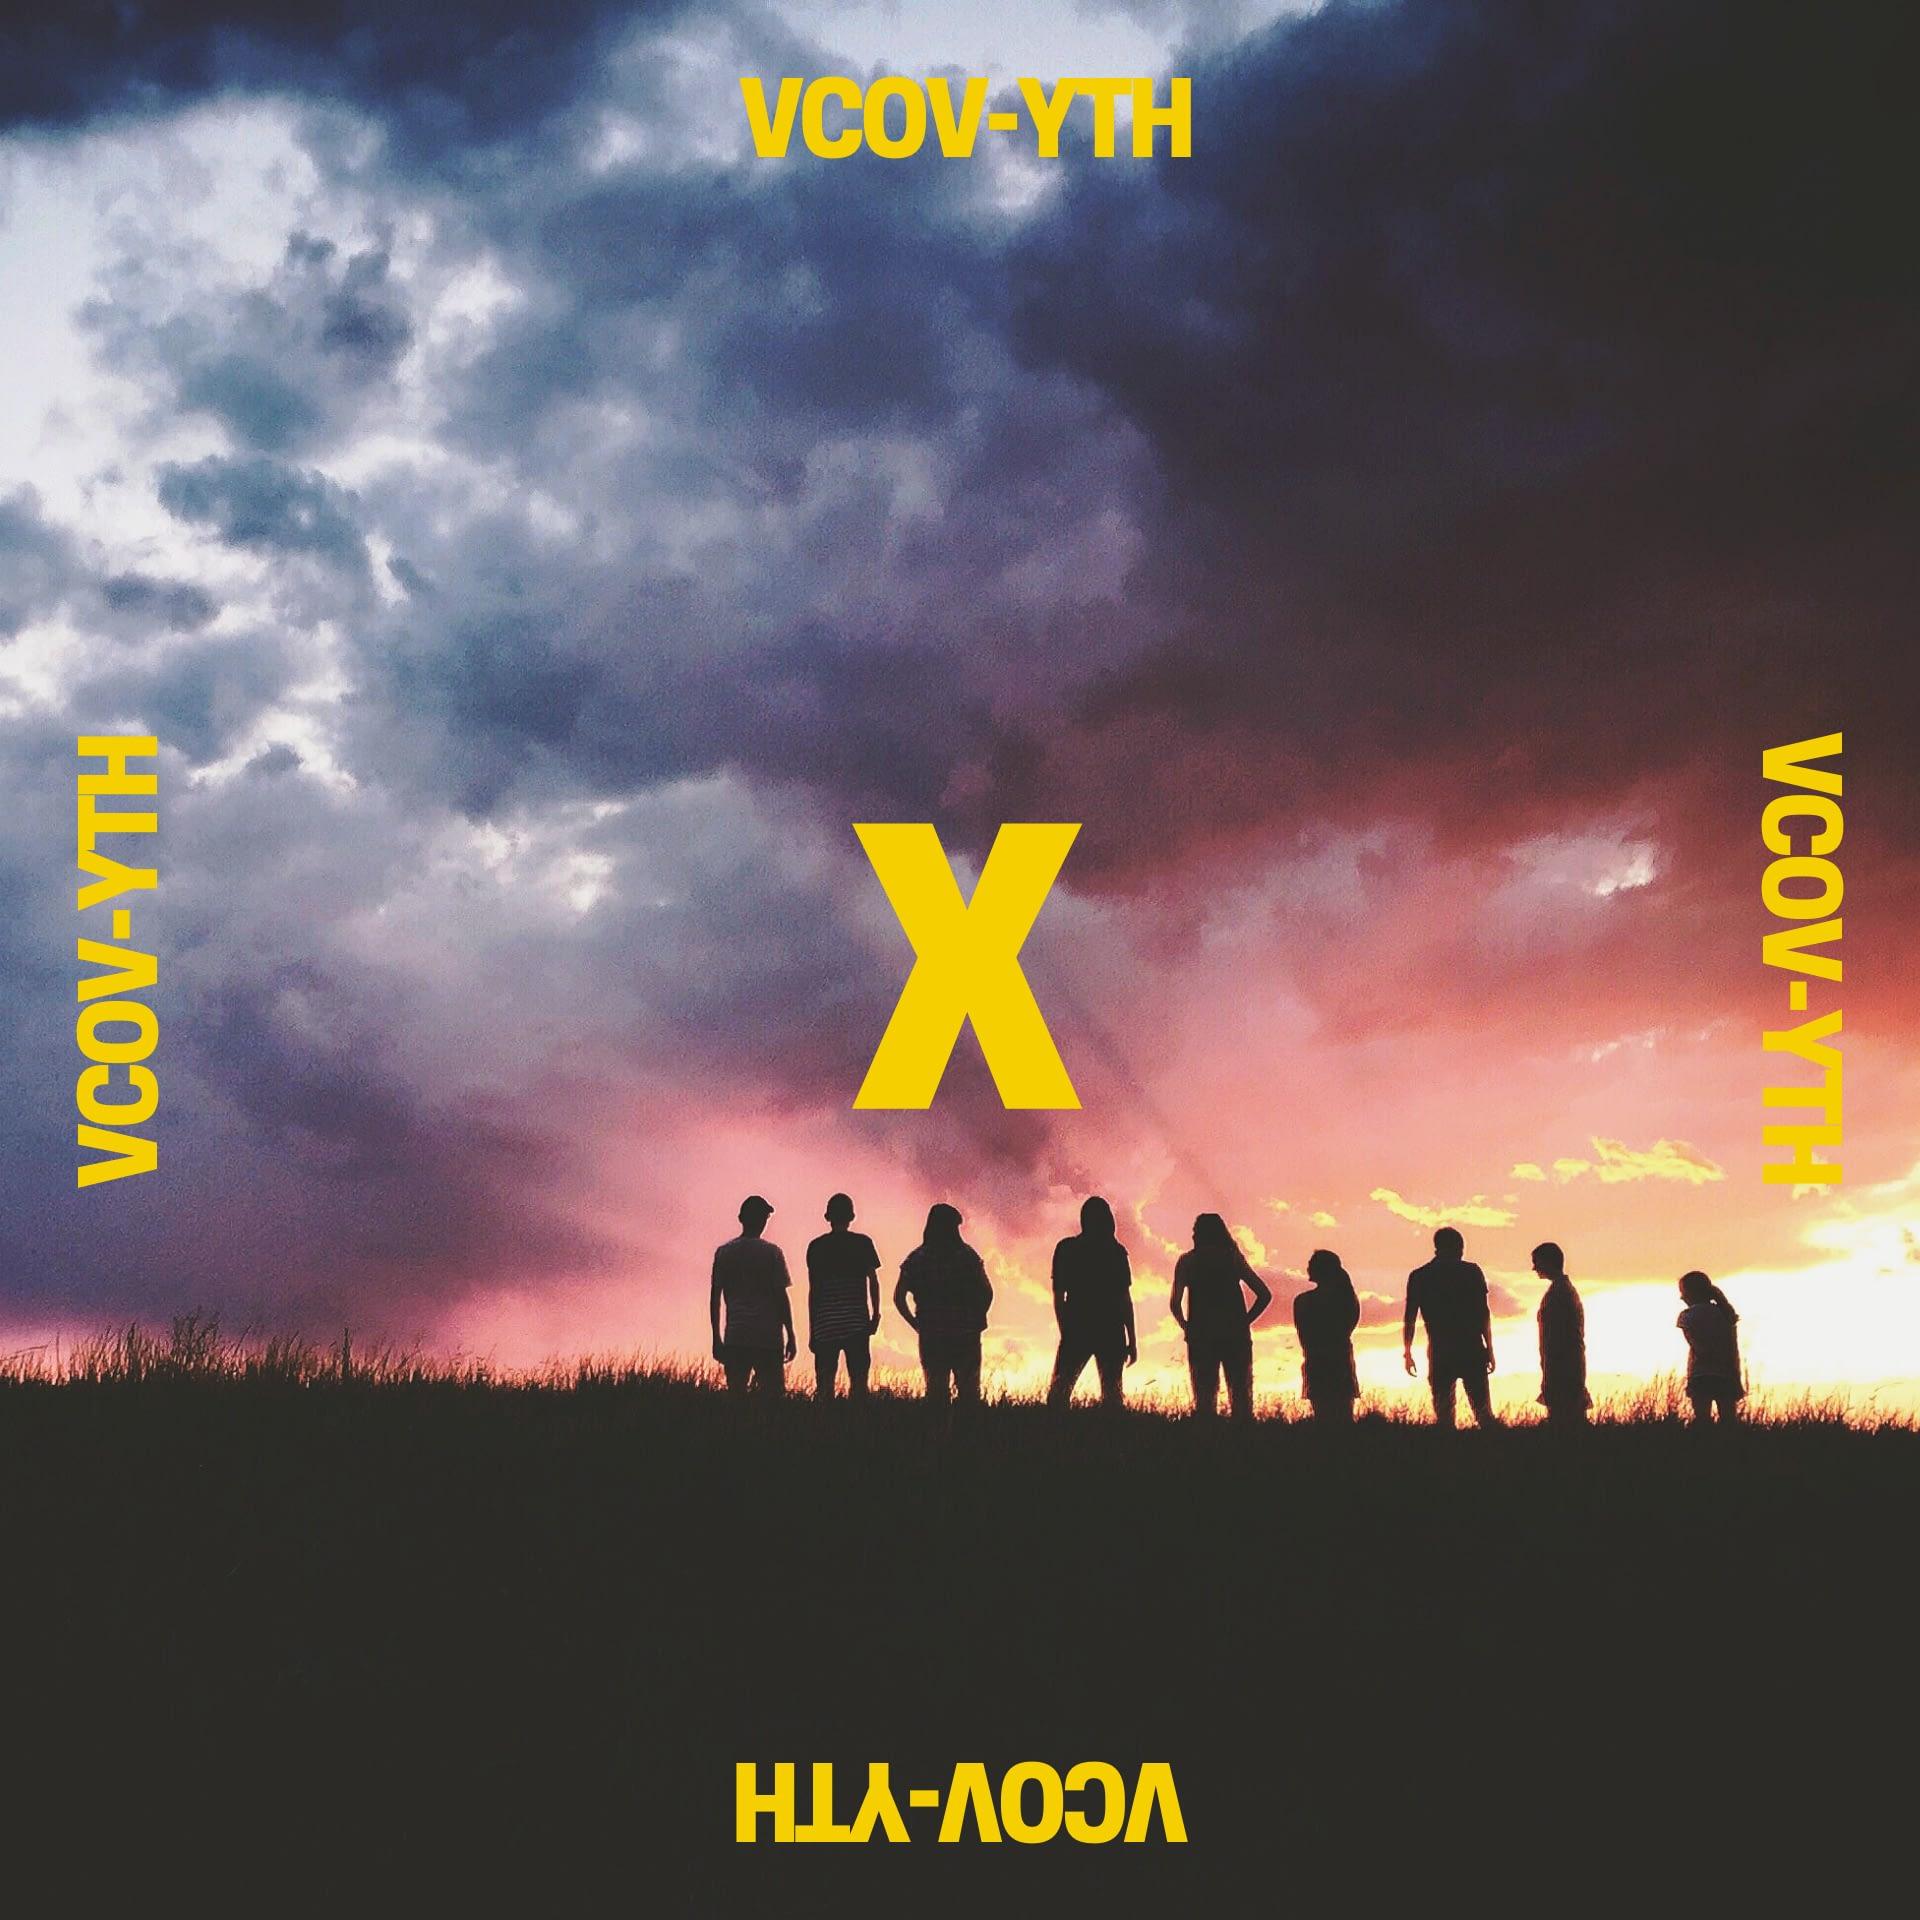 VCOV Youth